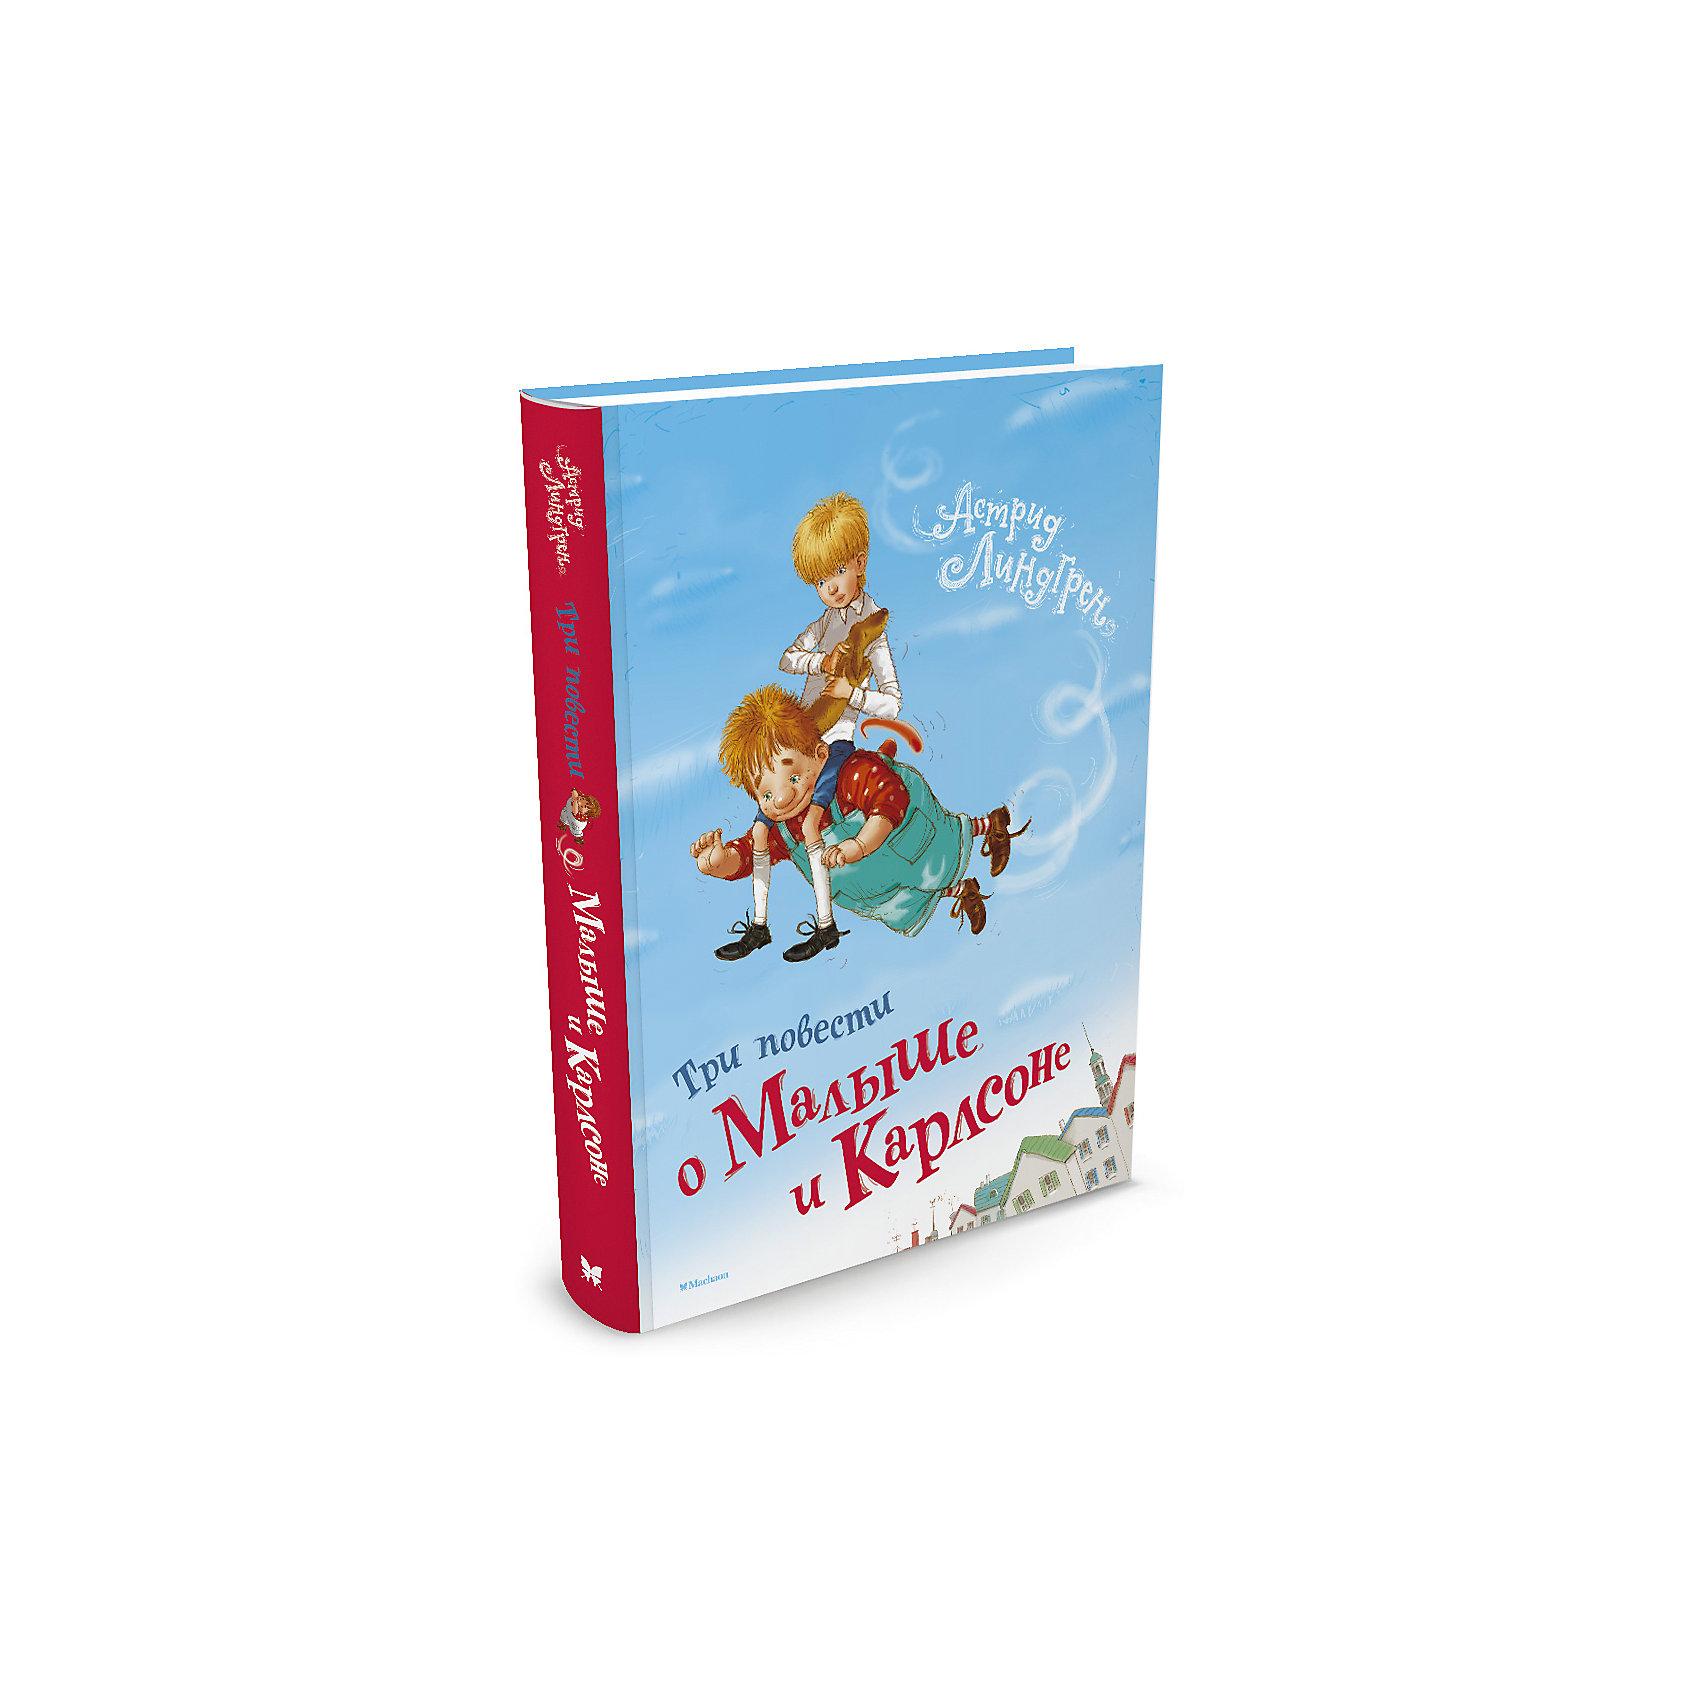 Три повести о Малыше и Карлсоне, Астрид ЛиндгренЛиндгрен А.<br>Содержание:<br>- Карлсон, который живет на крыше<br>- Карлсон, который живет на крыше опять прилетел<br>- Карлсон, который живет на крыше, проказничает опять <br><br>Серия детских книг Малыш и Карлсон знаменитой писательница Астрид Линдгрен, выпущенных издательством Махаон станет достойным пополнением Вашей домашней библиотеки. Три повести о Малыше и Карлсоне - хорошо всем знакомая трилогия о веселых приключения забавного человечка с мотором Карлсона и его друга Малыша. Книги Астрид Линдгрен давно стали классикой мировой детской литературы и несомненно станут любимыми книгами и для Вашего ребенка. Волшебный мир, созданный шведской писательницей в своих книгах и населяющие его удивительные герои прививают у маленьких читателей любовь и интерес к чтению.<br><br>Дополнительная информация:<br><br>- Автор: Астрид Линдгрен.<br>- Переплет: твердый переплет.<br>- Иллюстрации: цветные.<br>- Объем: 352 стр.<br>- Размер: 29,2 x 21,7 x 2,5 см.<br>- Вес: 1,380 кг.<br><br>Книгу Три повести о Малыше и Карлсоне от Махаон можно купить в нашем интернет-магазине.<br><br>Ширина мм: 293<br>Глубина мм: 217<br>Высота мм: 22<br>Вес г: 1440<br>Возраст от месяцев: 72<br>Возраст до месяцев: 132<br>Пол: Унисекс<br>Возраст: Детский<br>SKU: 3539889